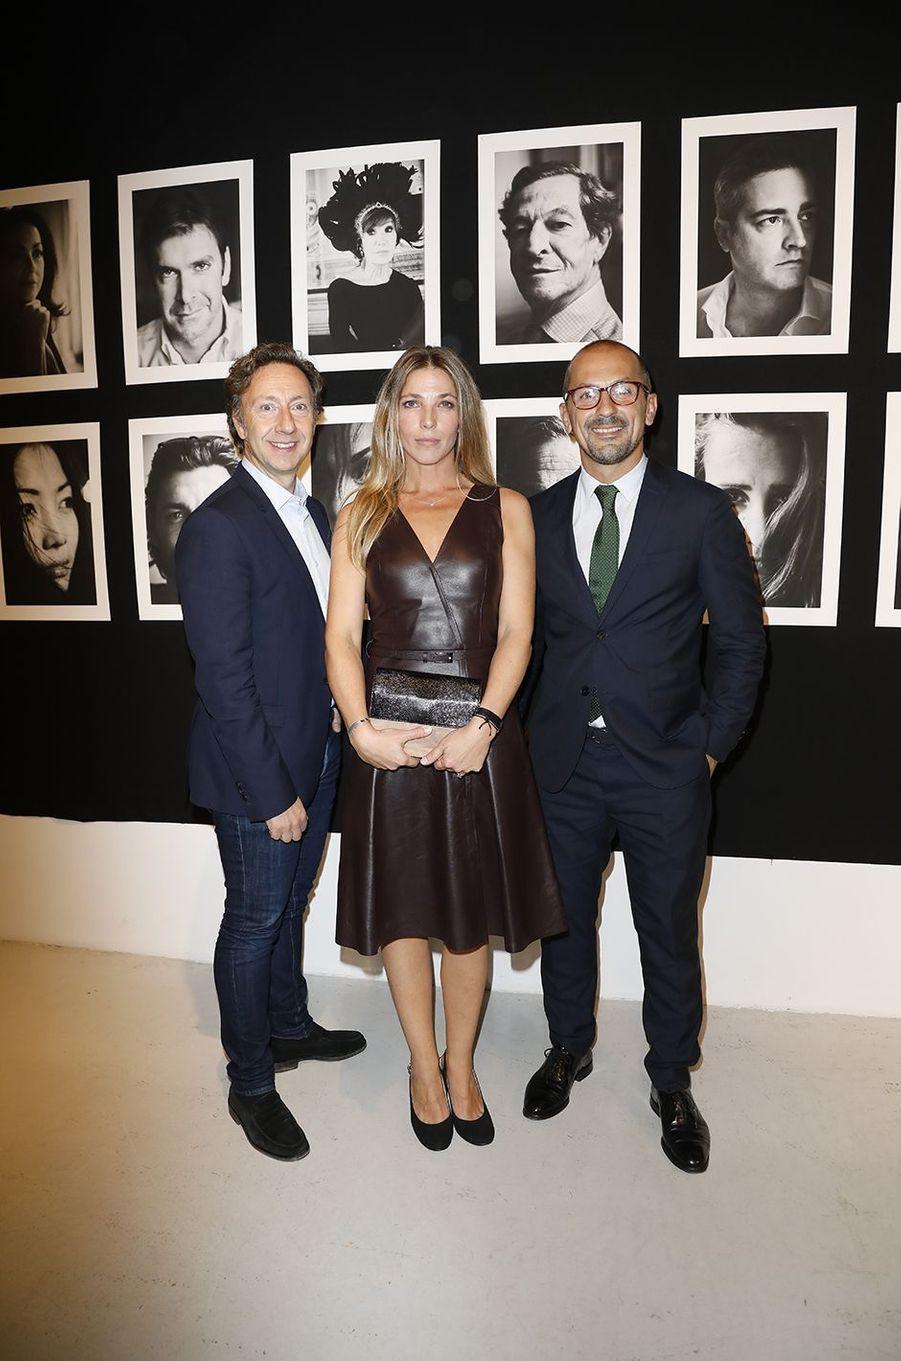 """Stéphane Bern et Lionel posent avec la photographe Alice Ralli au vernissage de l'exposition """"Trois cartes blanches"""", à Paris, le 10 octobre 2017."""